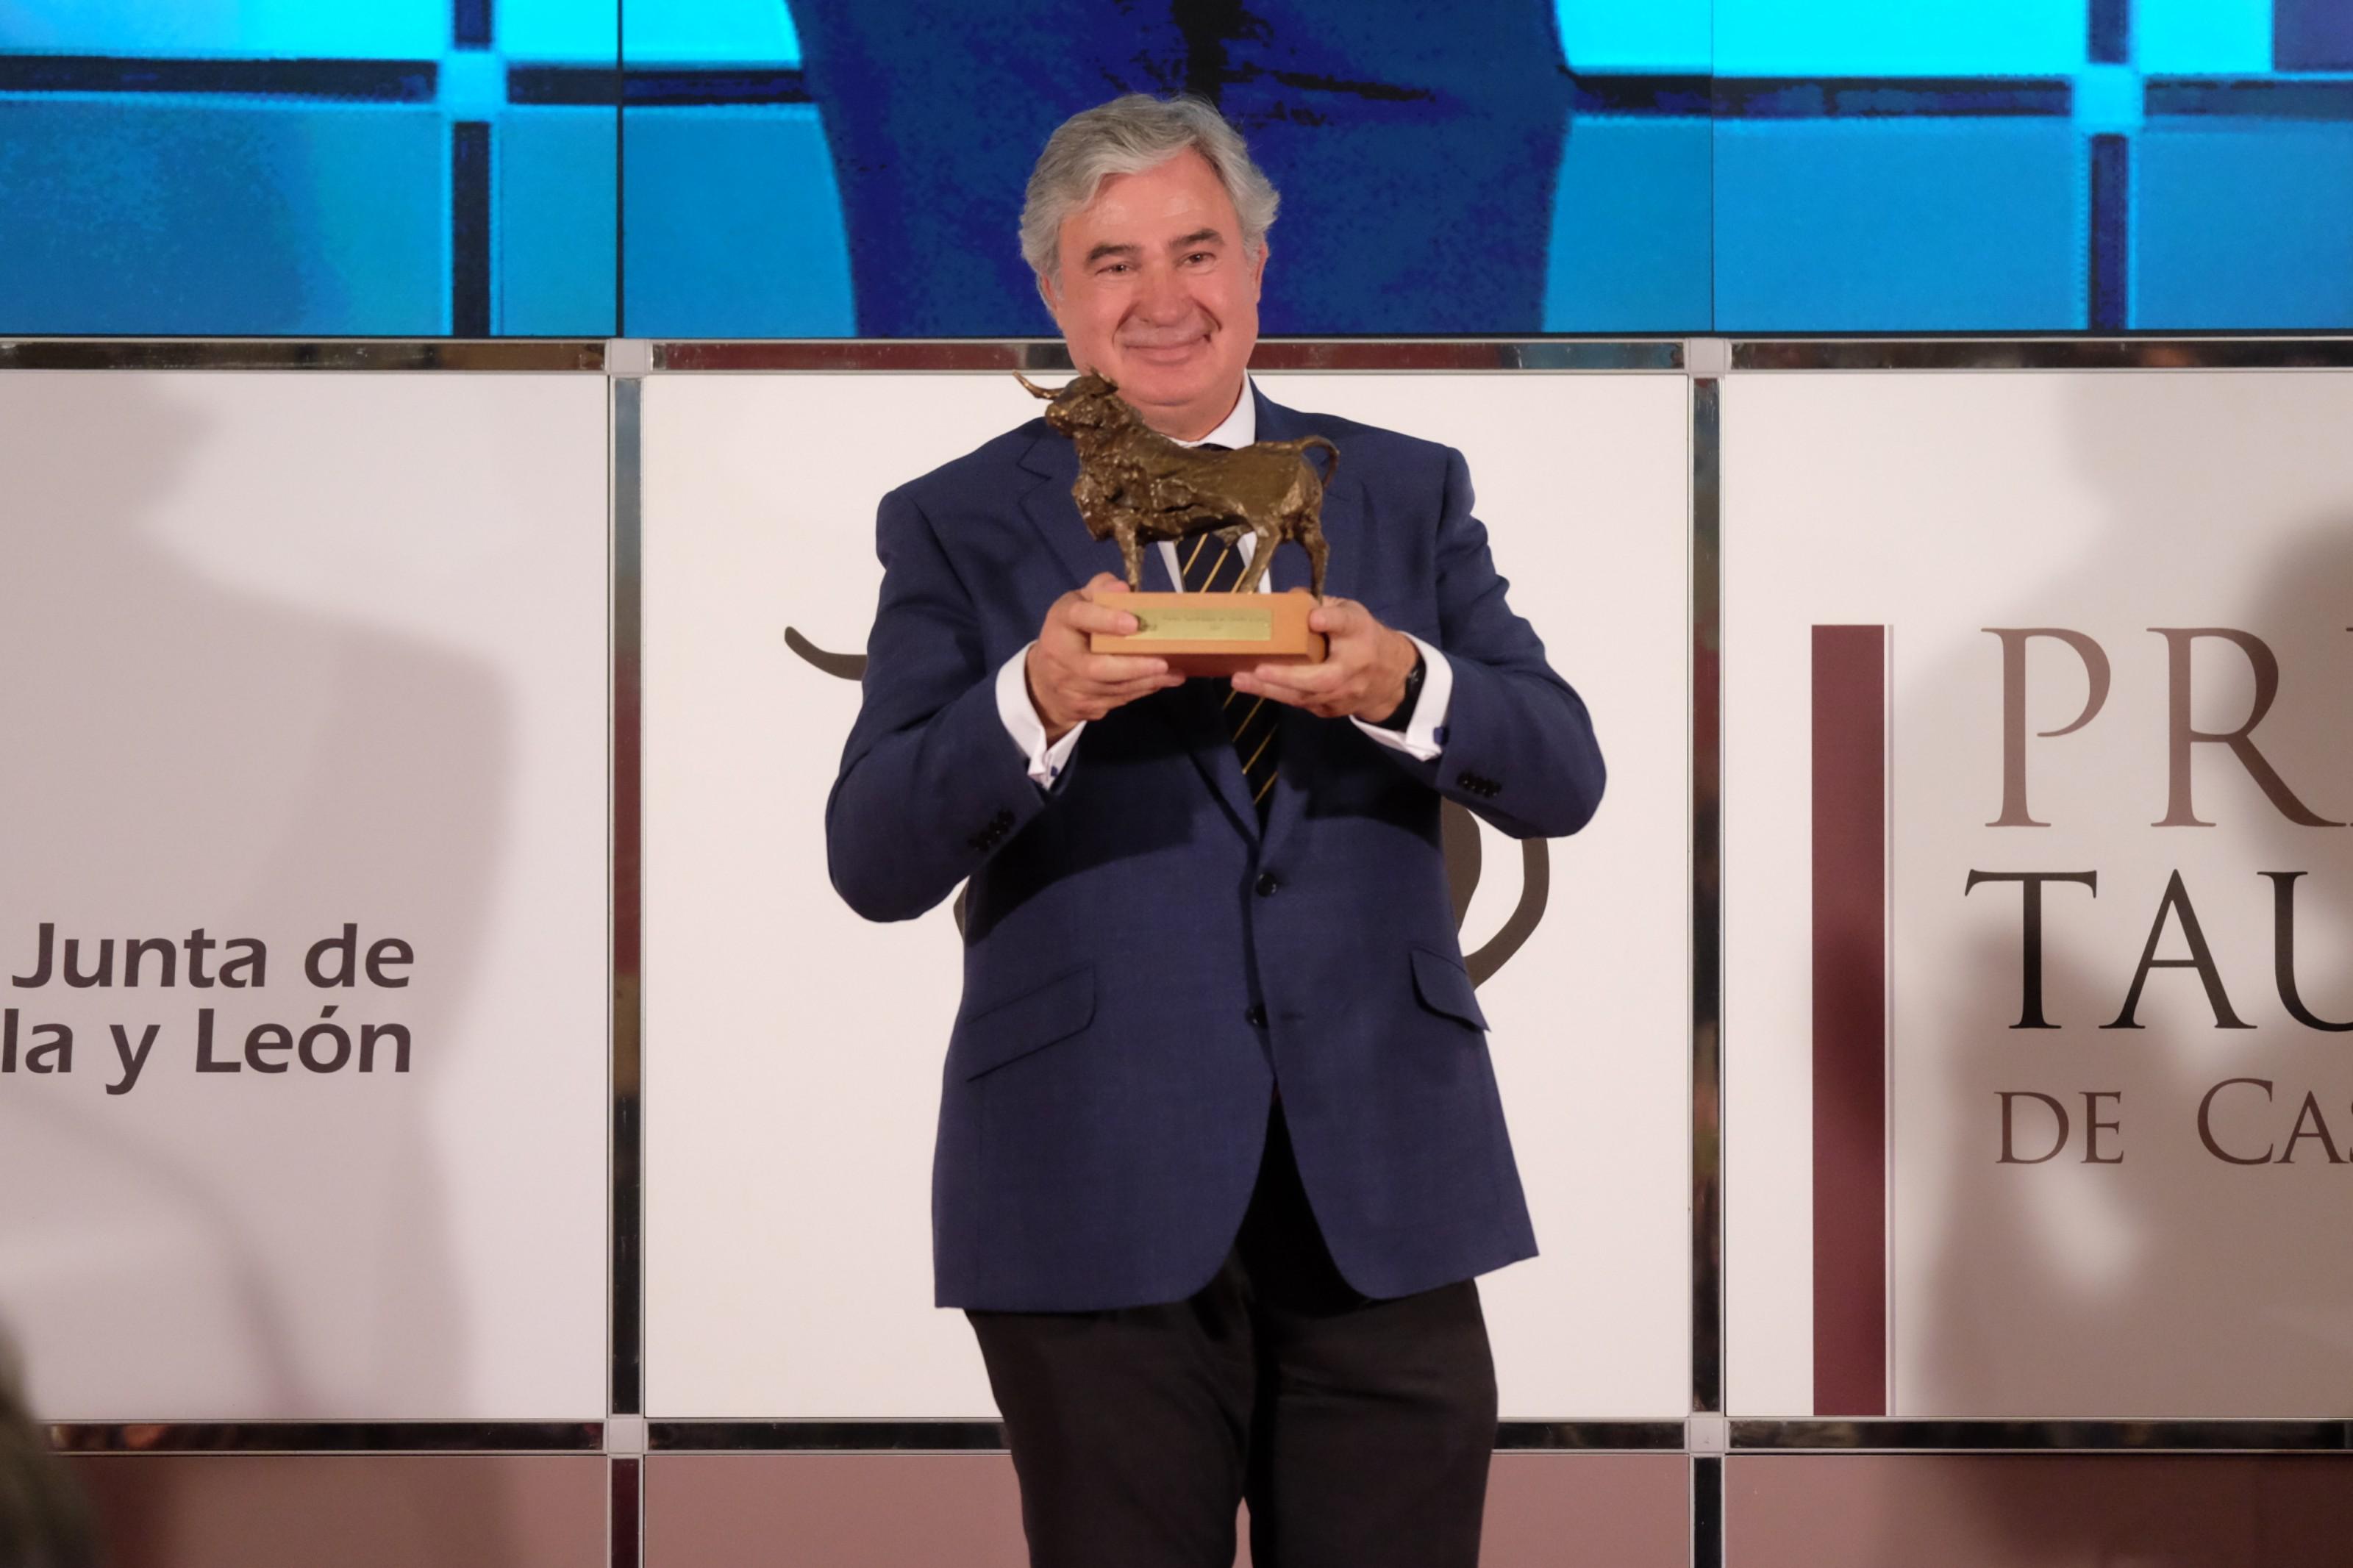 Juan Ignacio Pérez-Tabernero, galardonado con el III Premio Tauromaquia Castilla y León